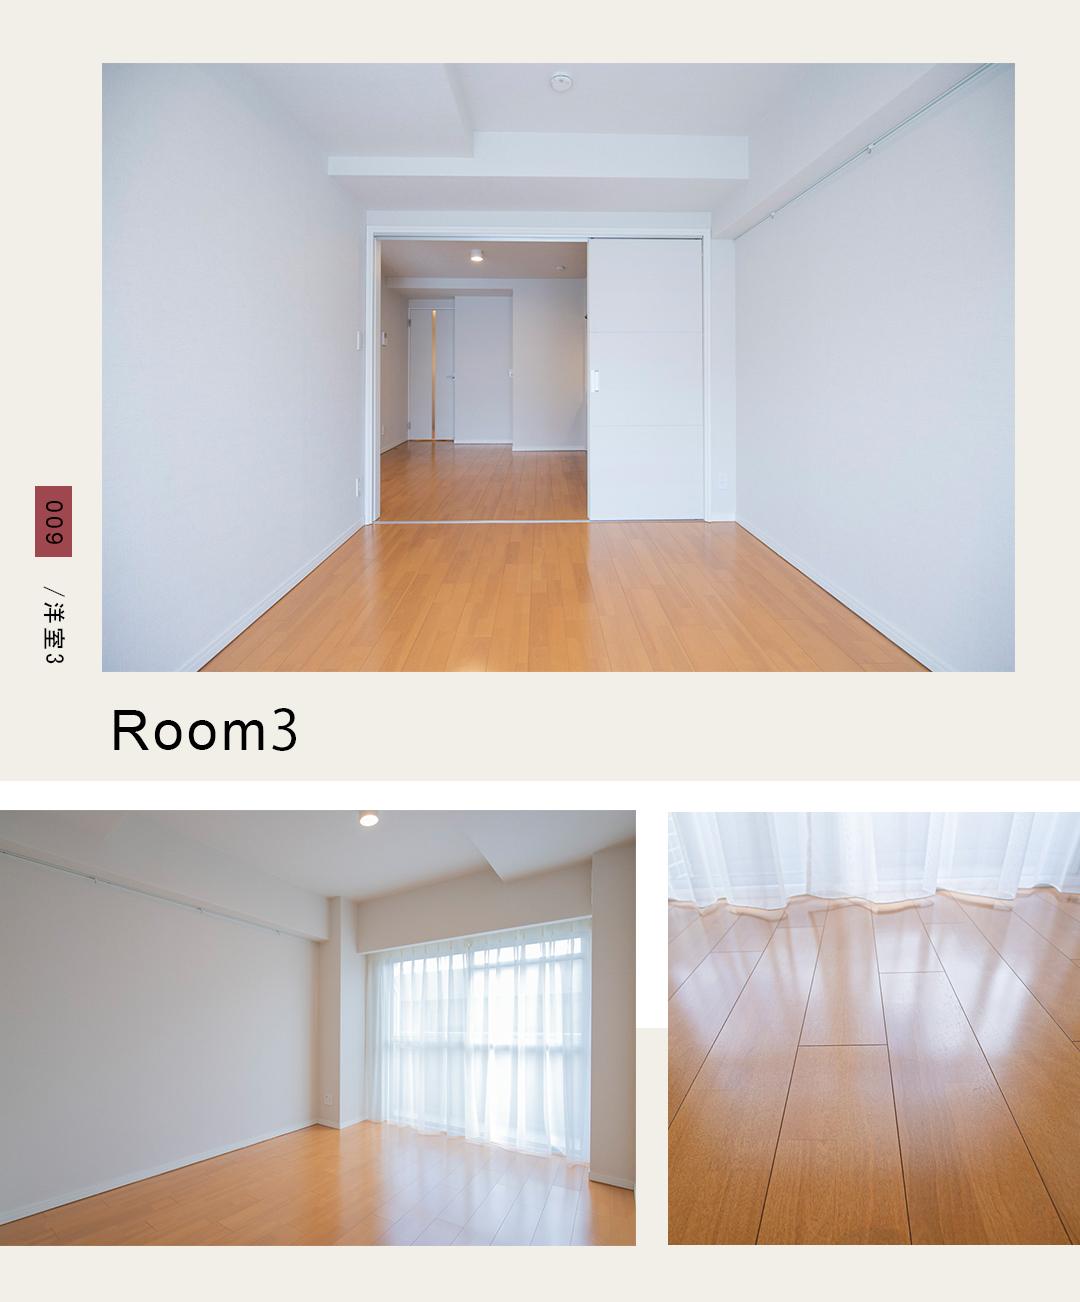 009,洋室3,room3,,,,,,,,